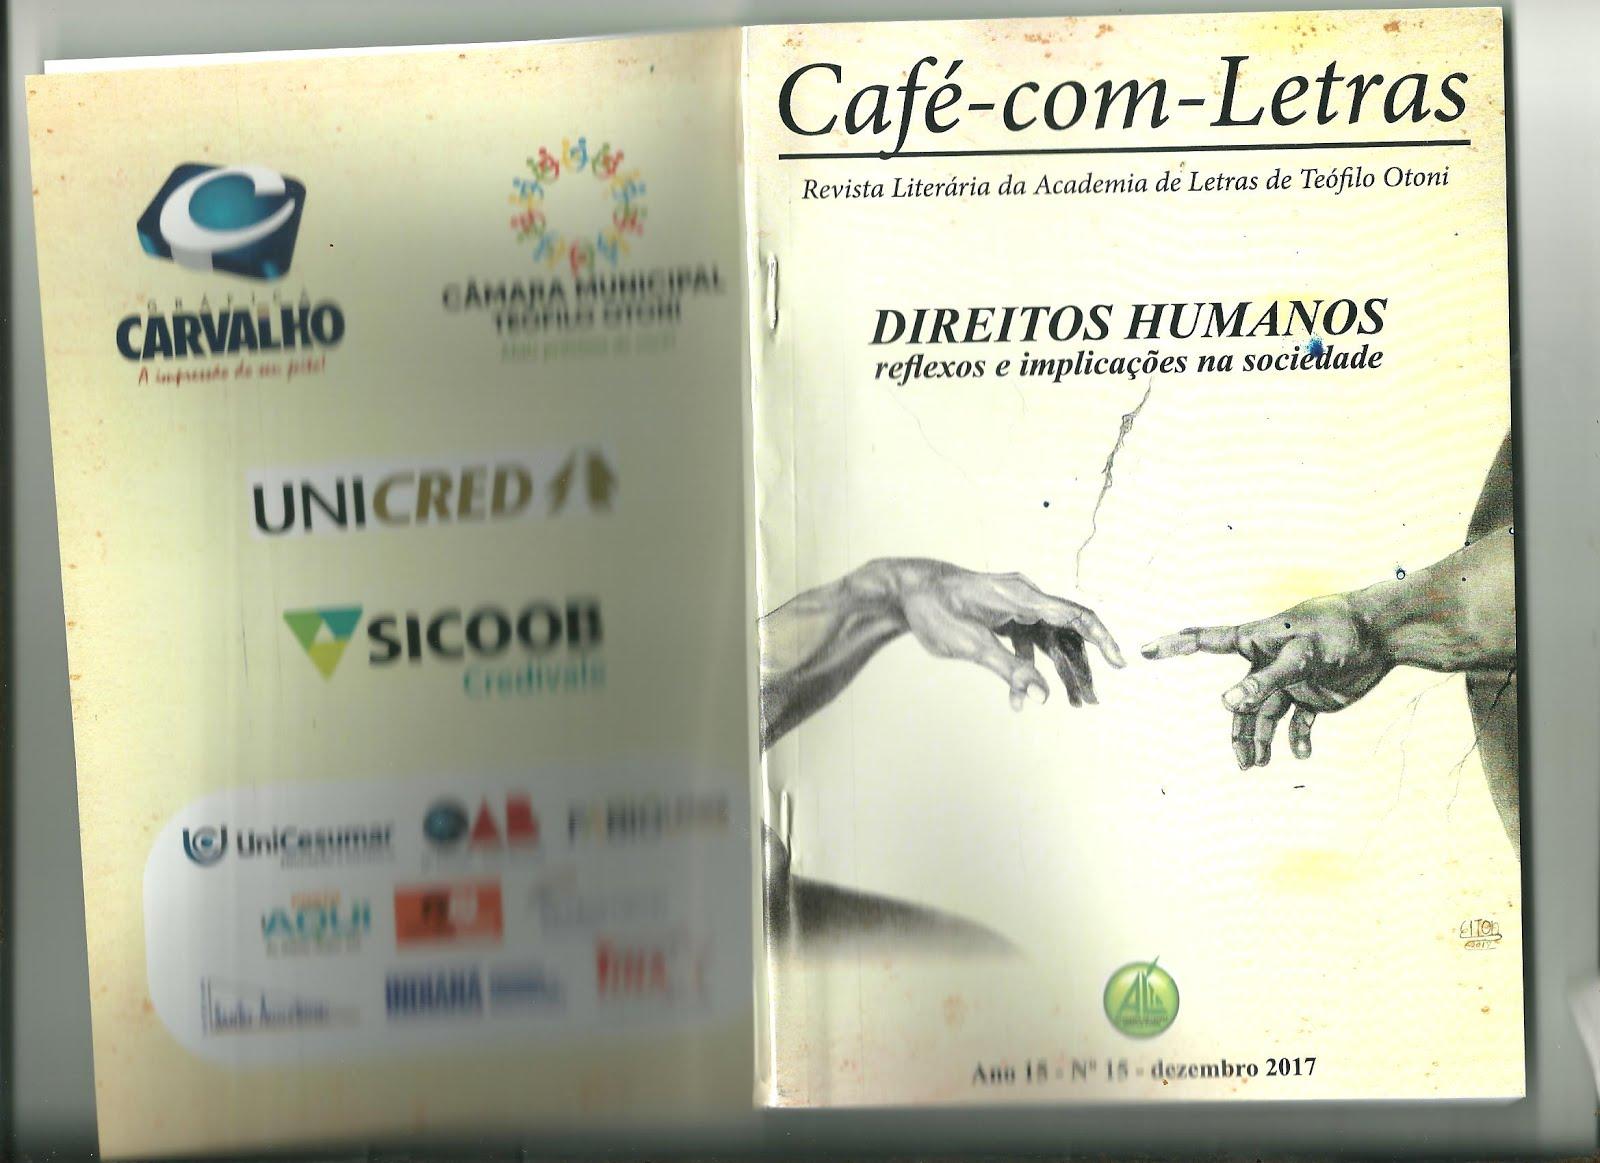 Café-com-Letras (TEÓFILO OTONI MG BRASIL)